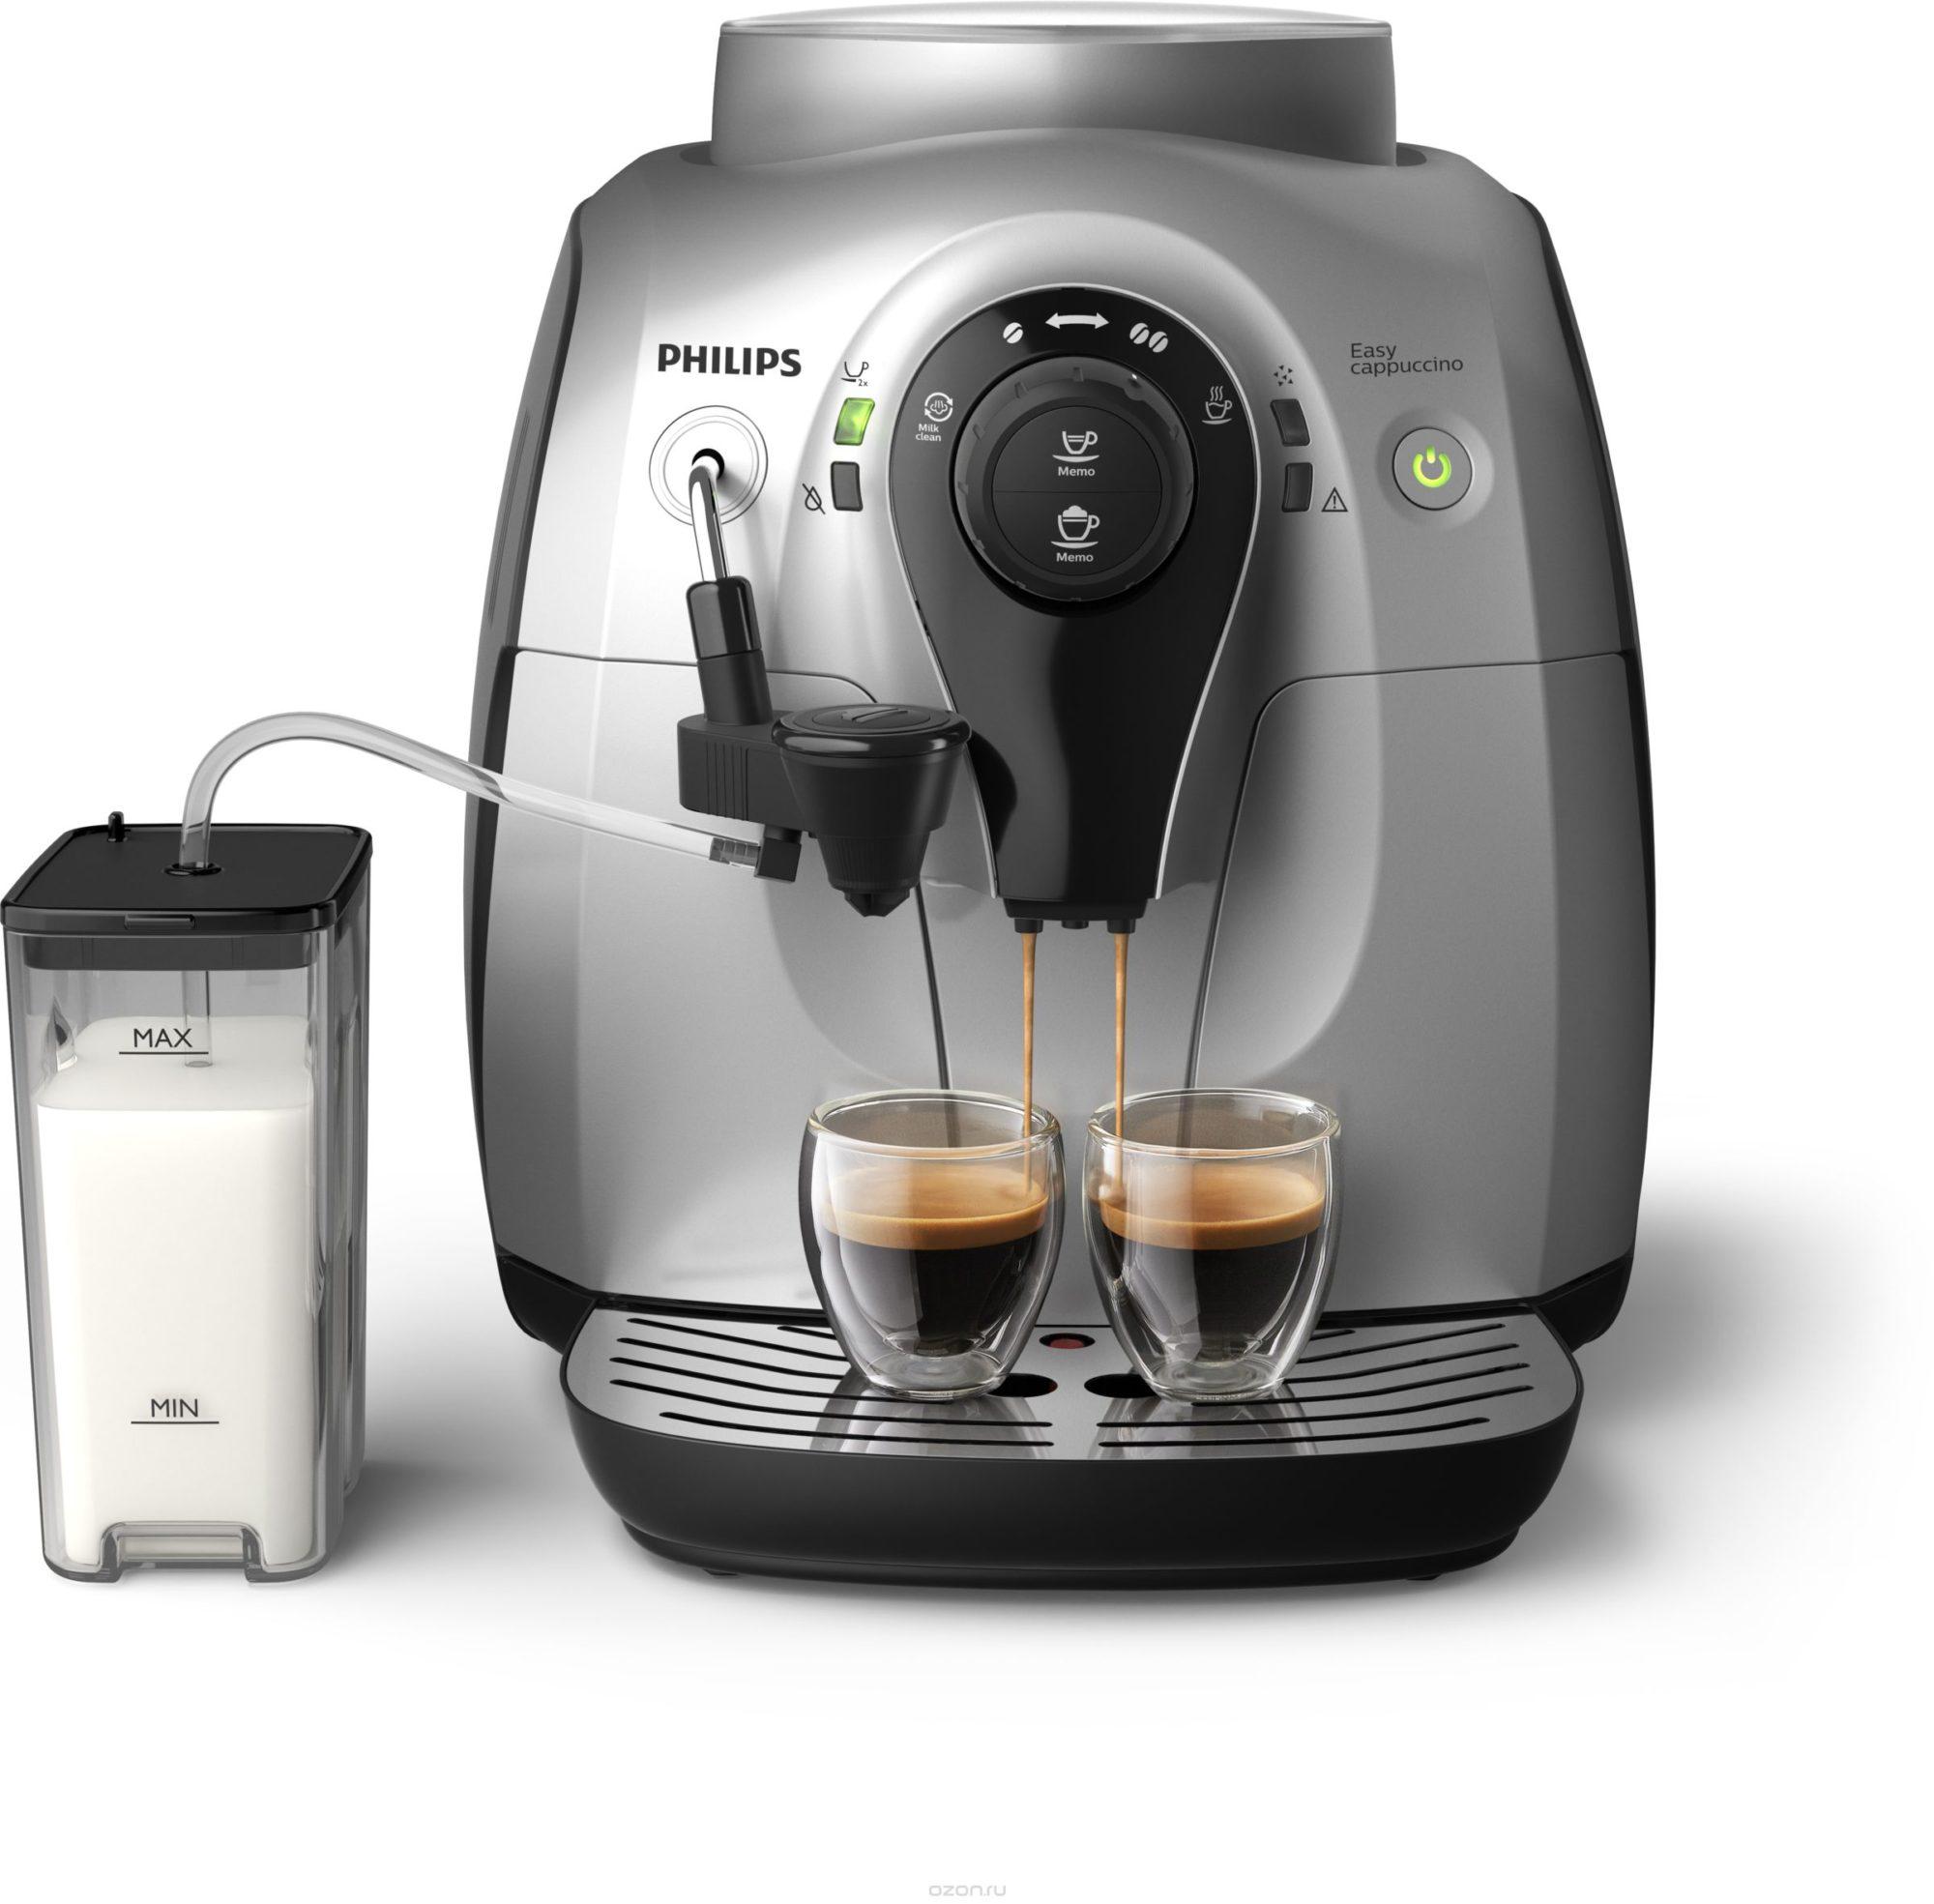 Кофемашина с приготовлением капучино может быть с разными функциями и насадками, но принципиального различия между готовым кофе вы не найдете